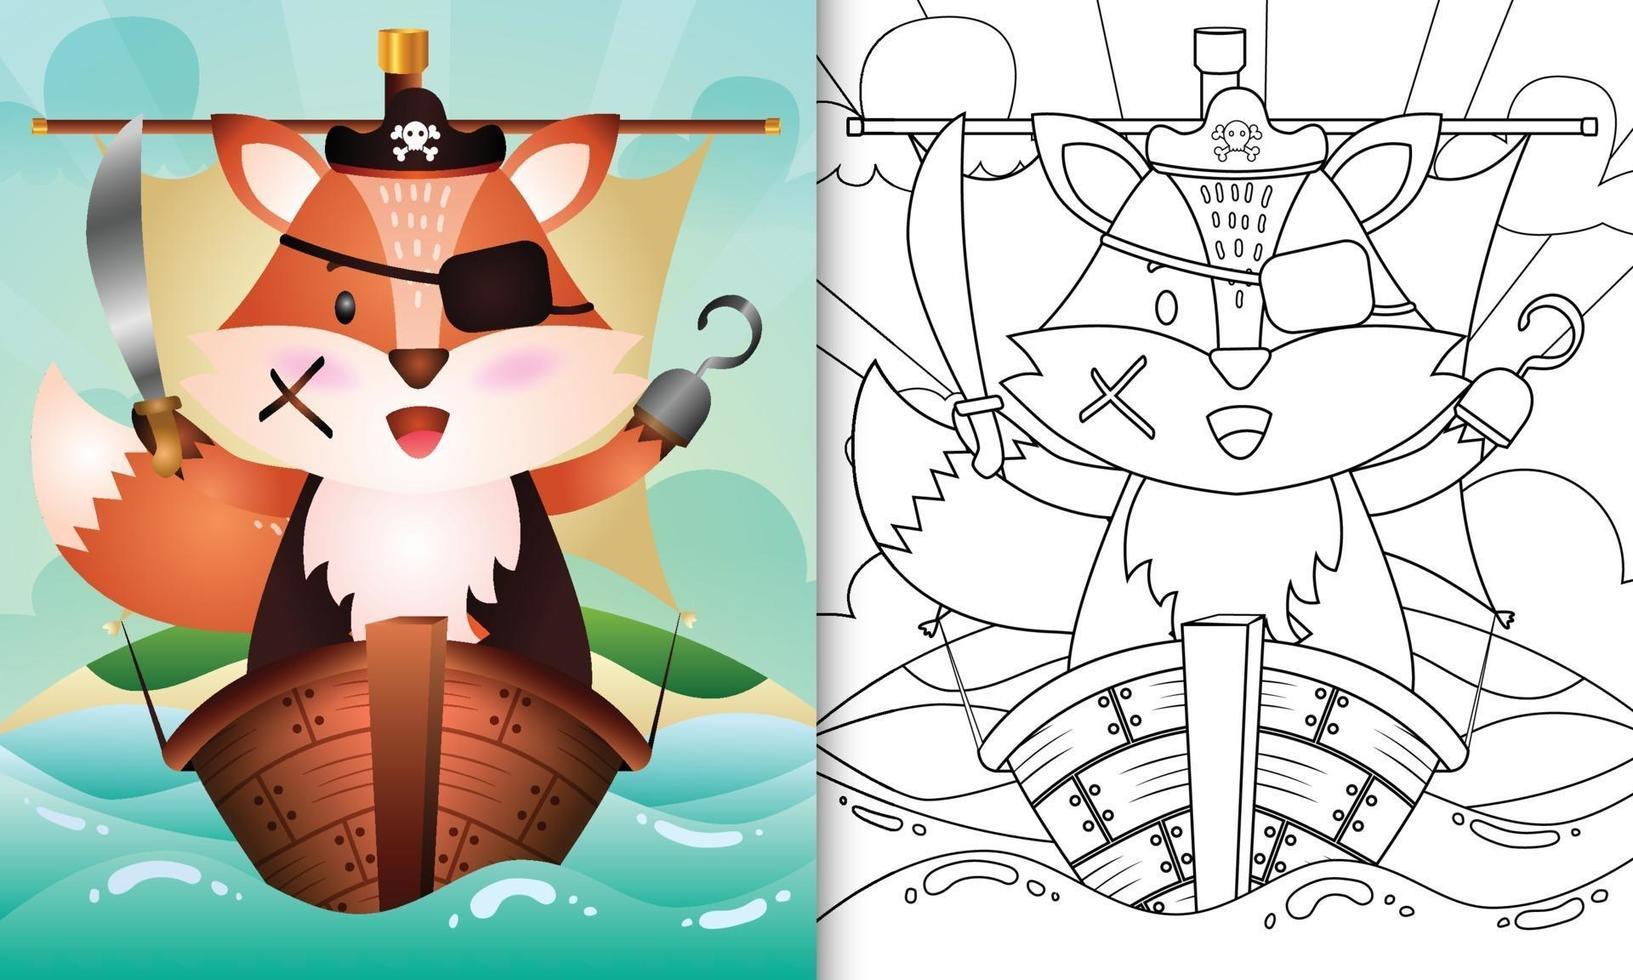 libro da colorare per bambini con un simpatico personaggio di volpe pirata vettore